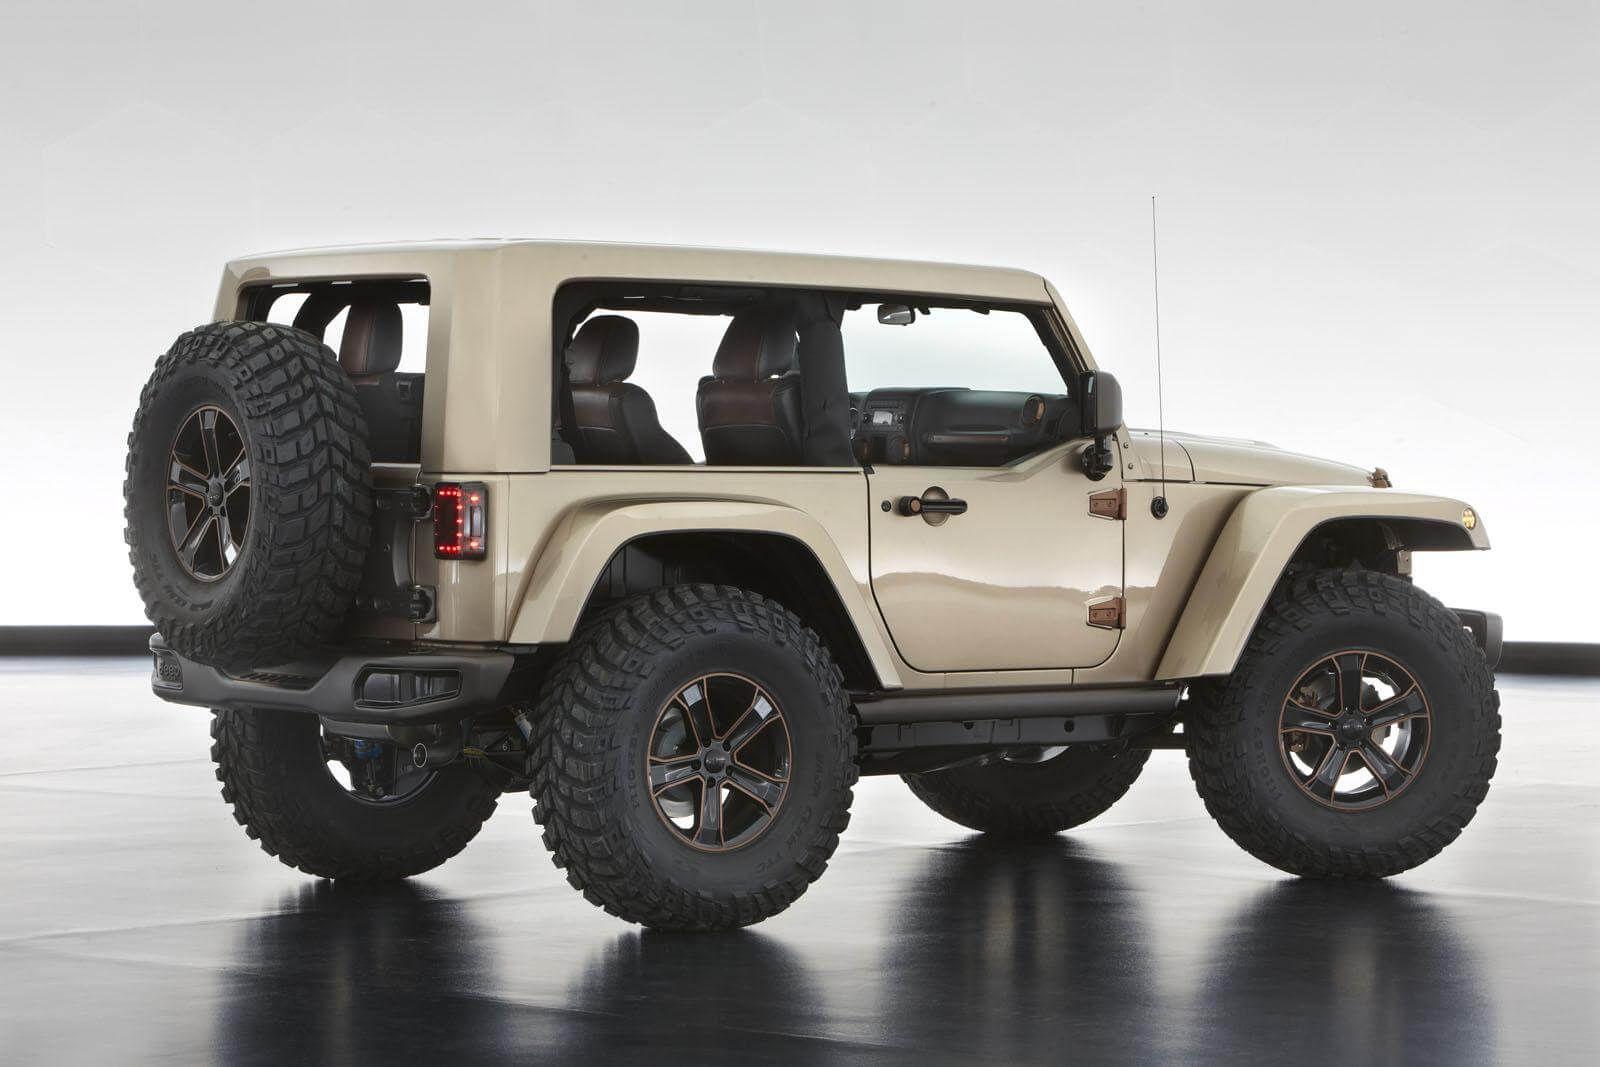 jeep liberty renagade strong 2017 Buscar con Google